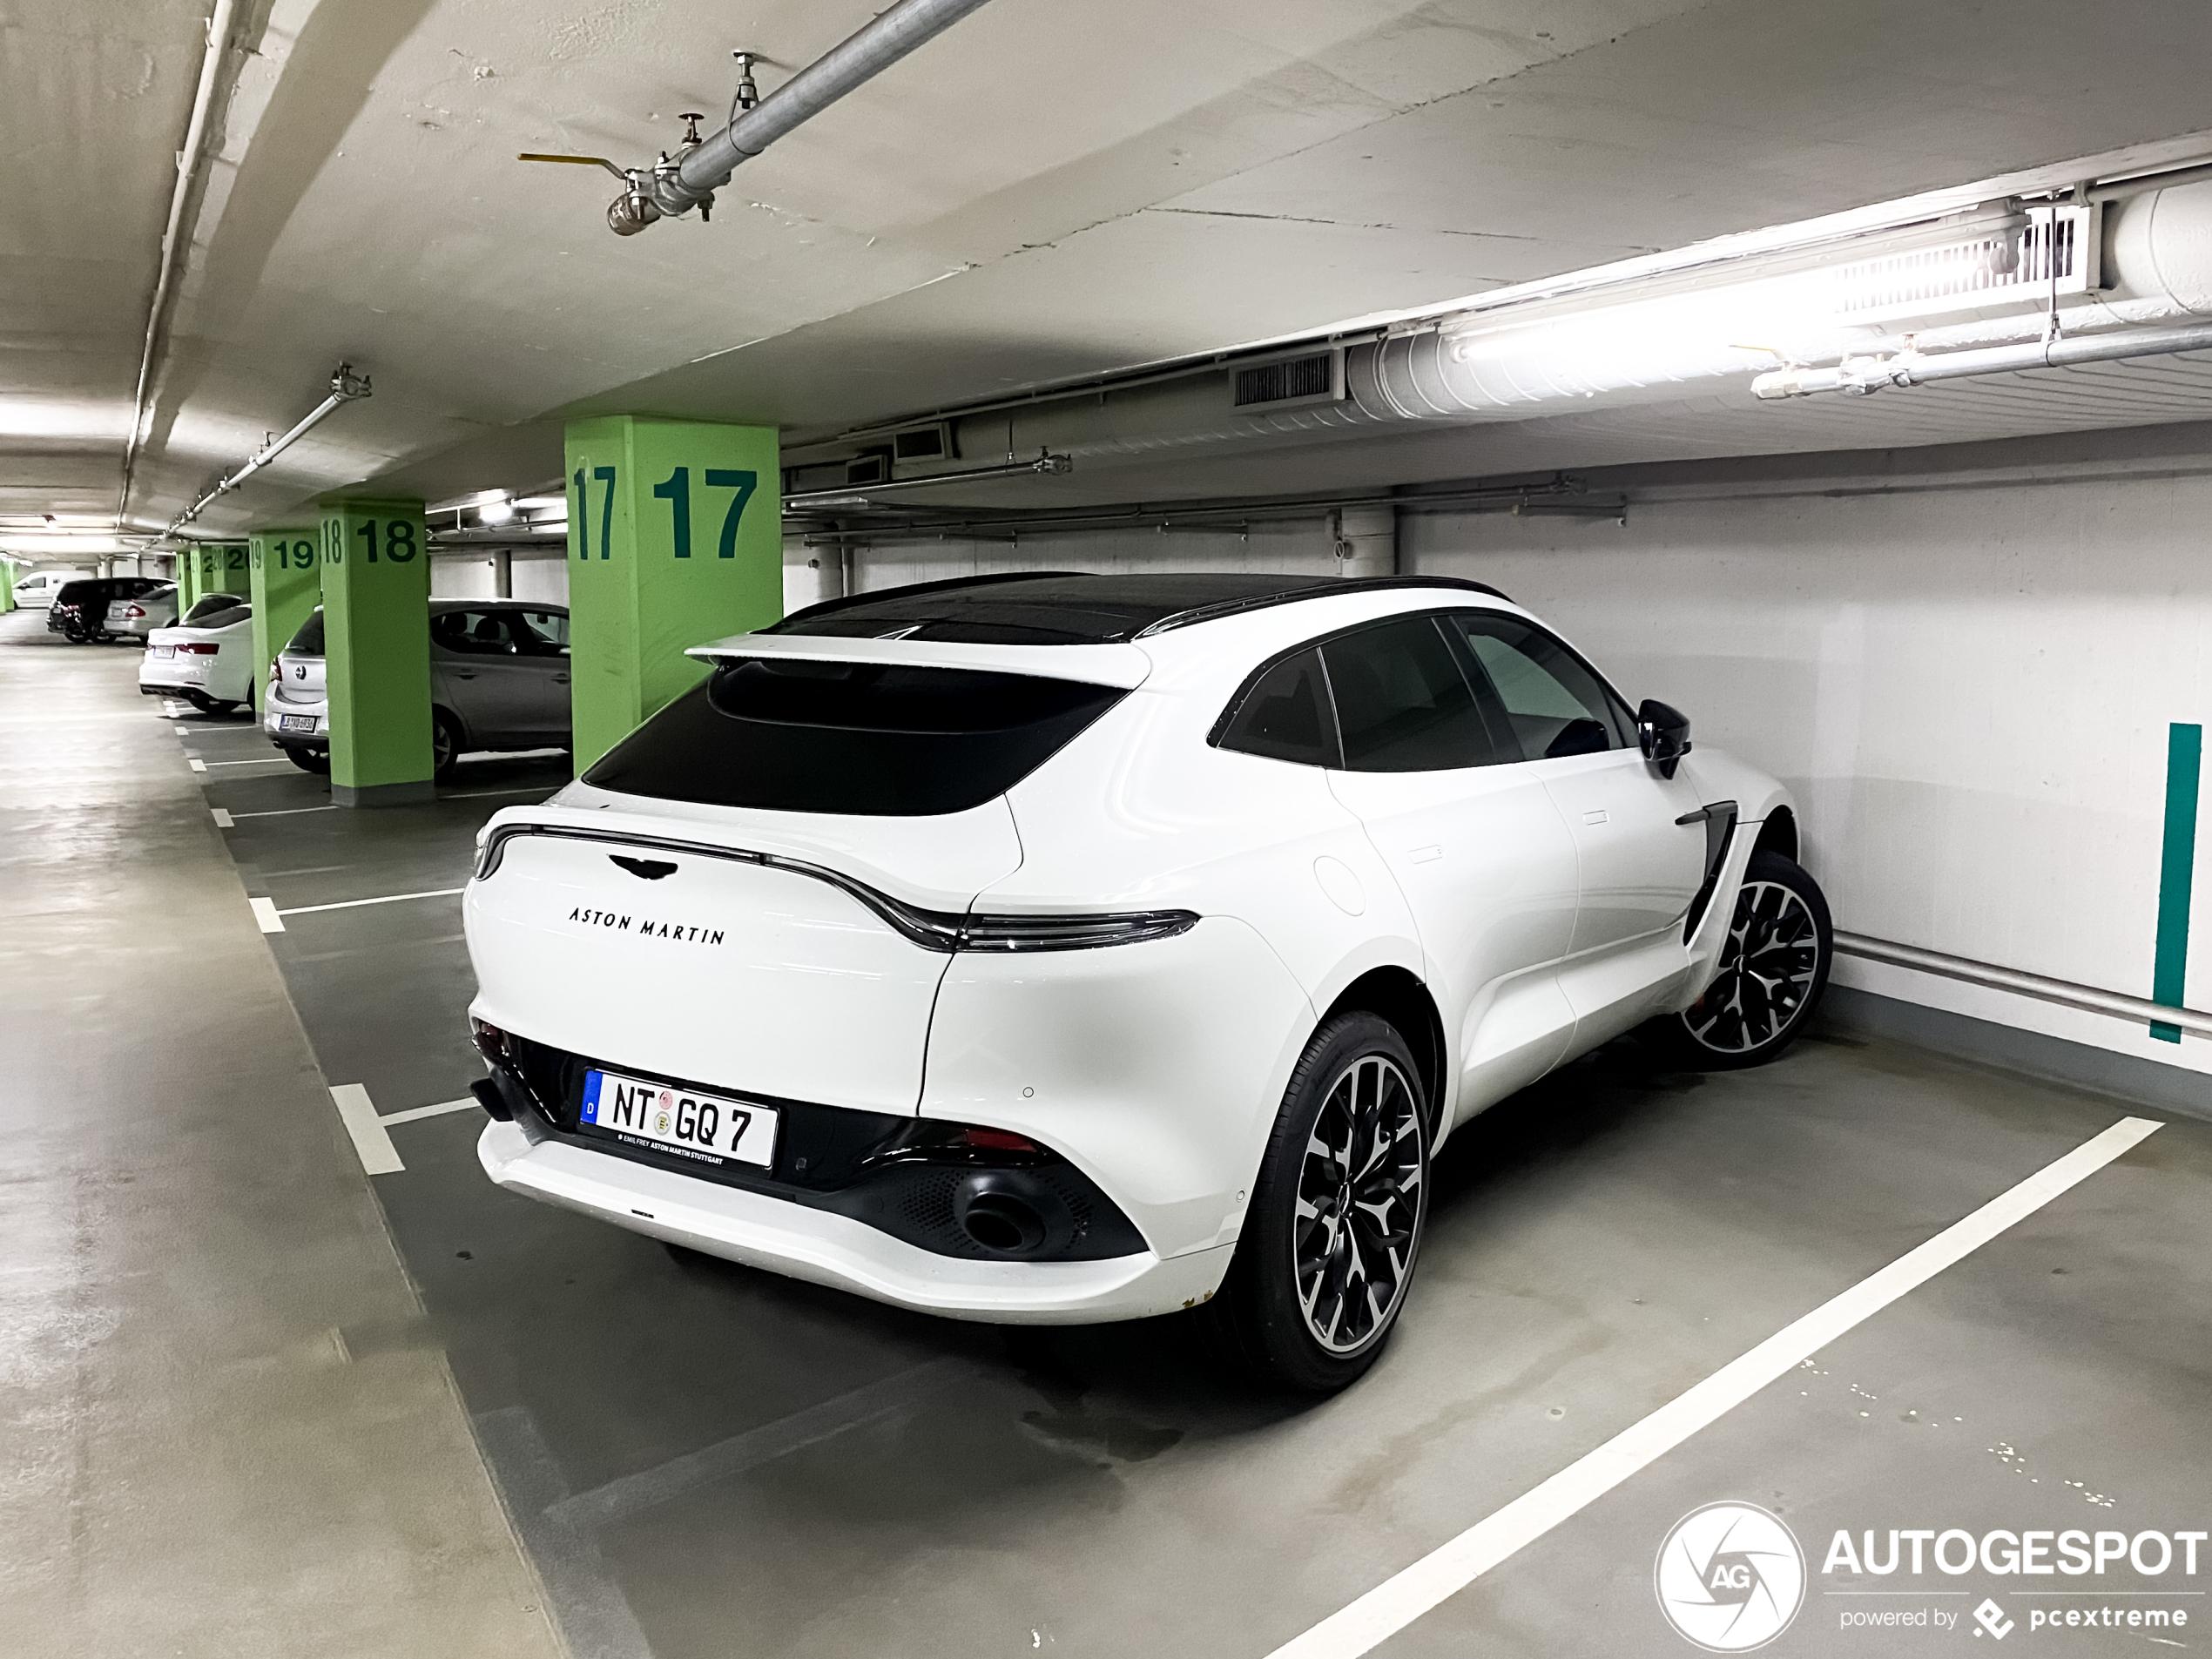 Deze Aston Martin DBX ziet er toch heerlijk uit